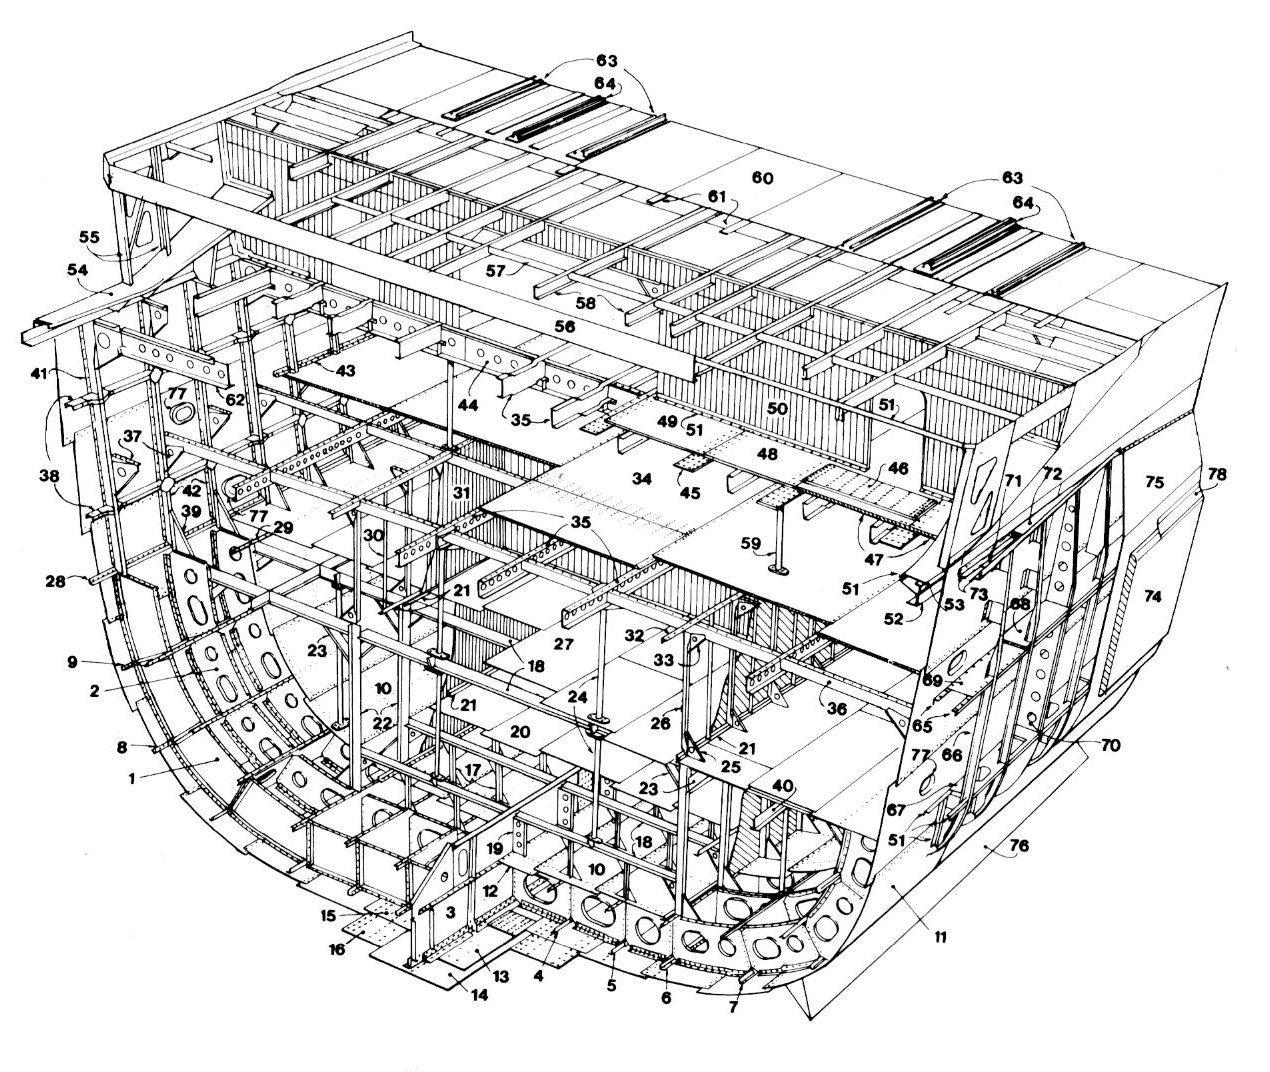 Structure Of A World War Ii Cruiser